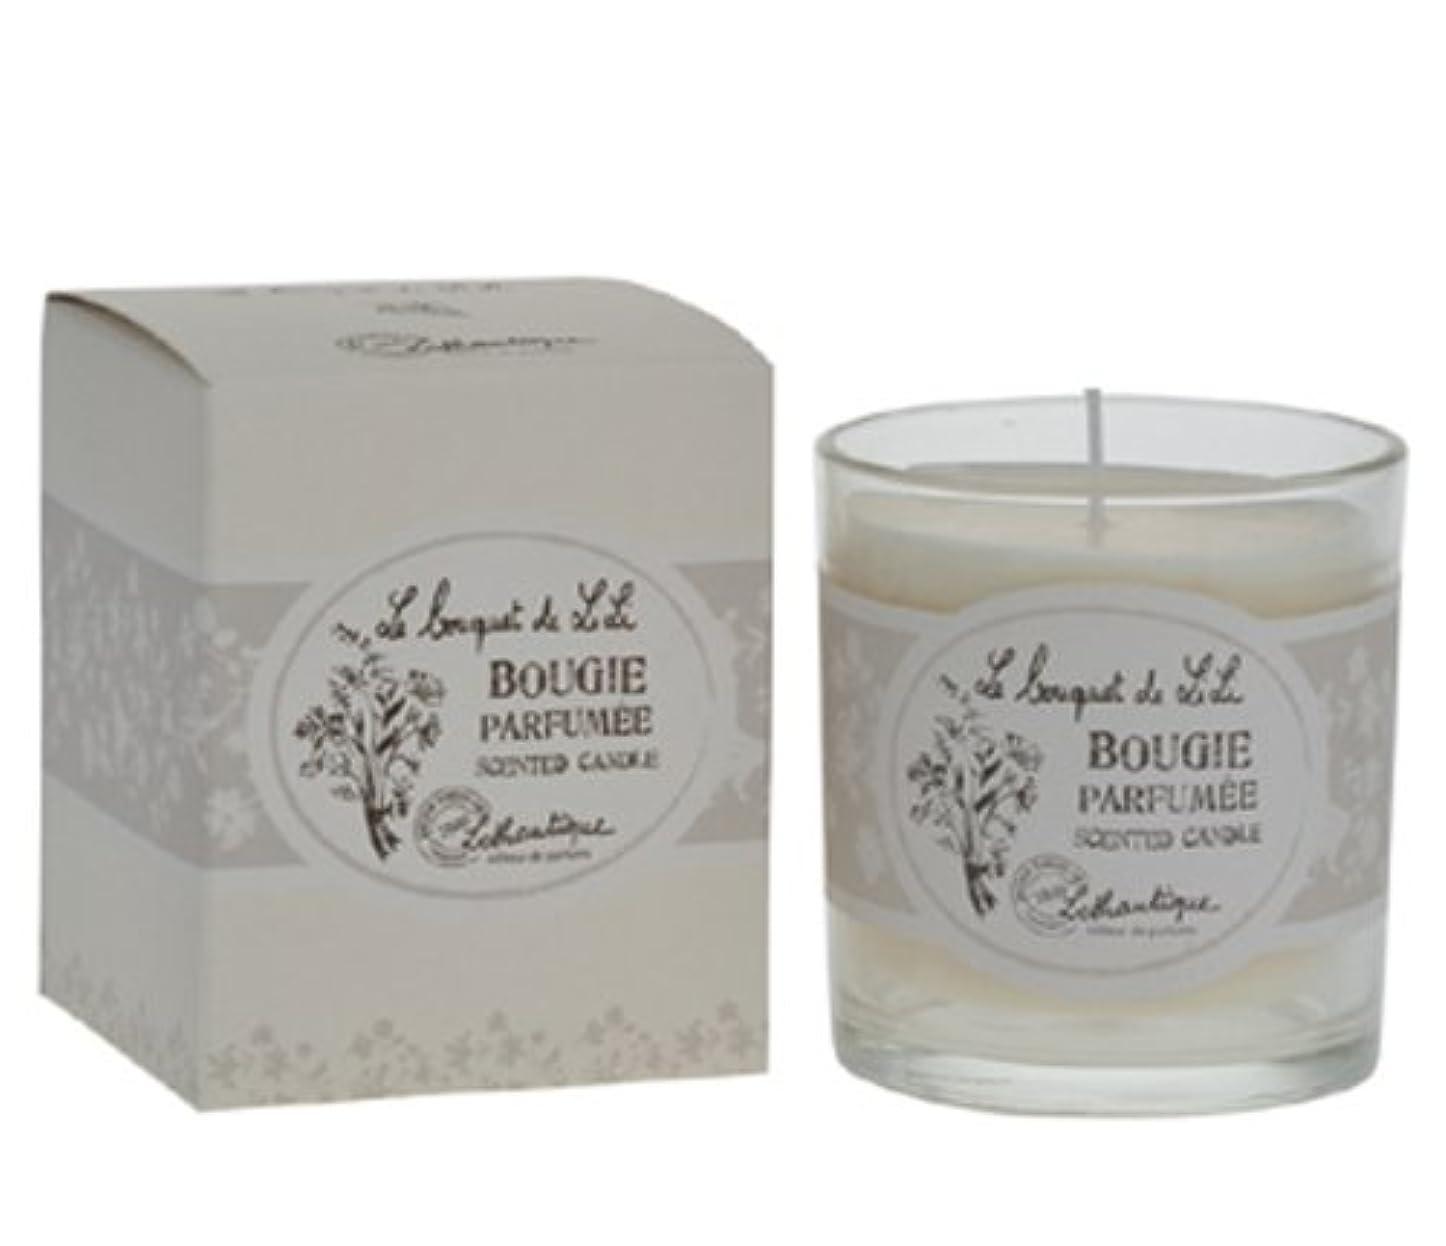 歌リブ説明Lothantique(ロタンティック) Le bouquet de LiLi(ブーケドゥリリシリーズ) キャンドル 140g 3420070029065